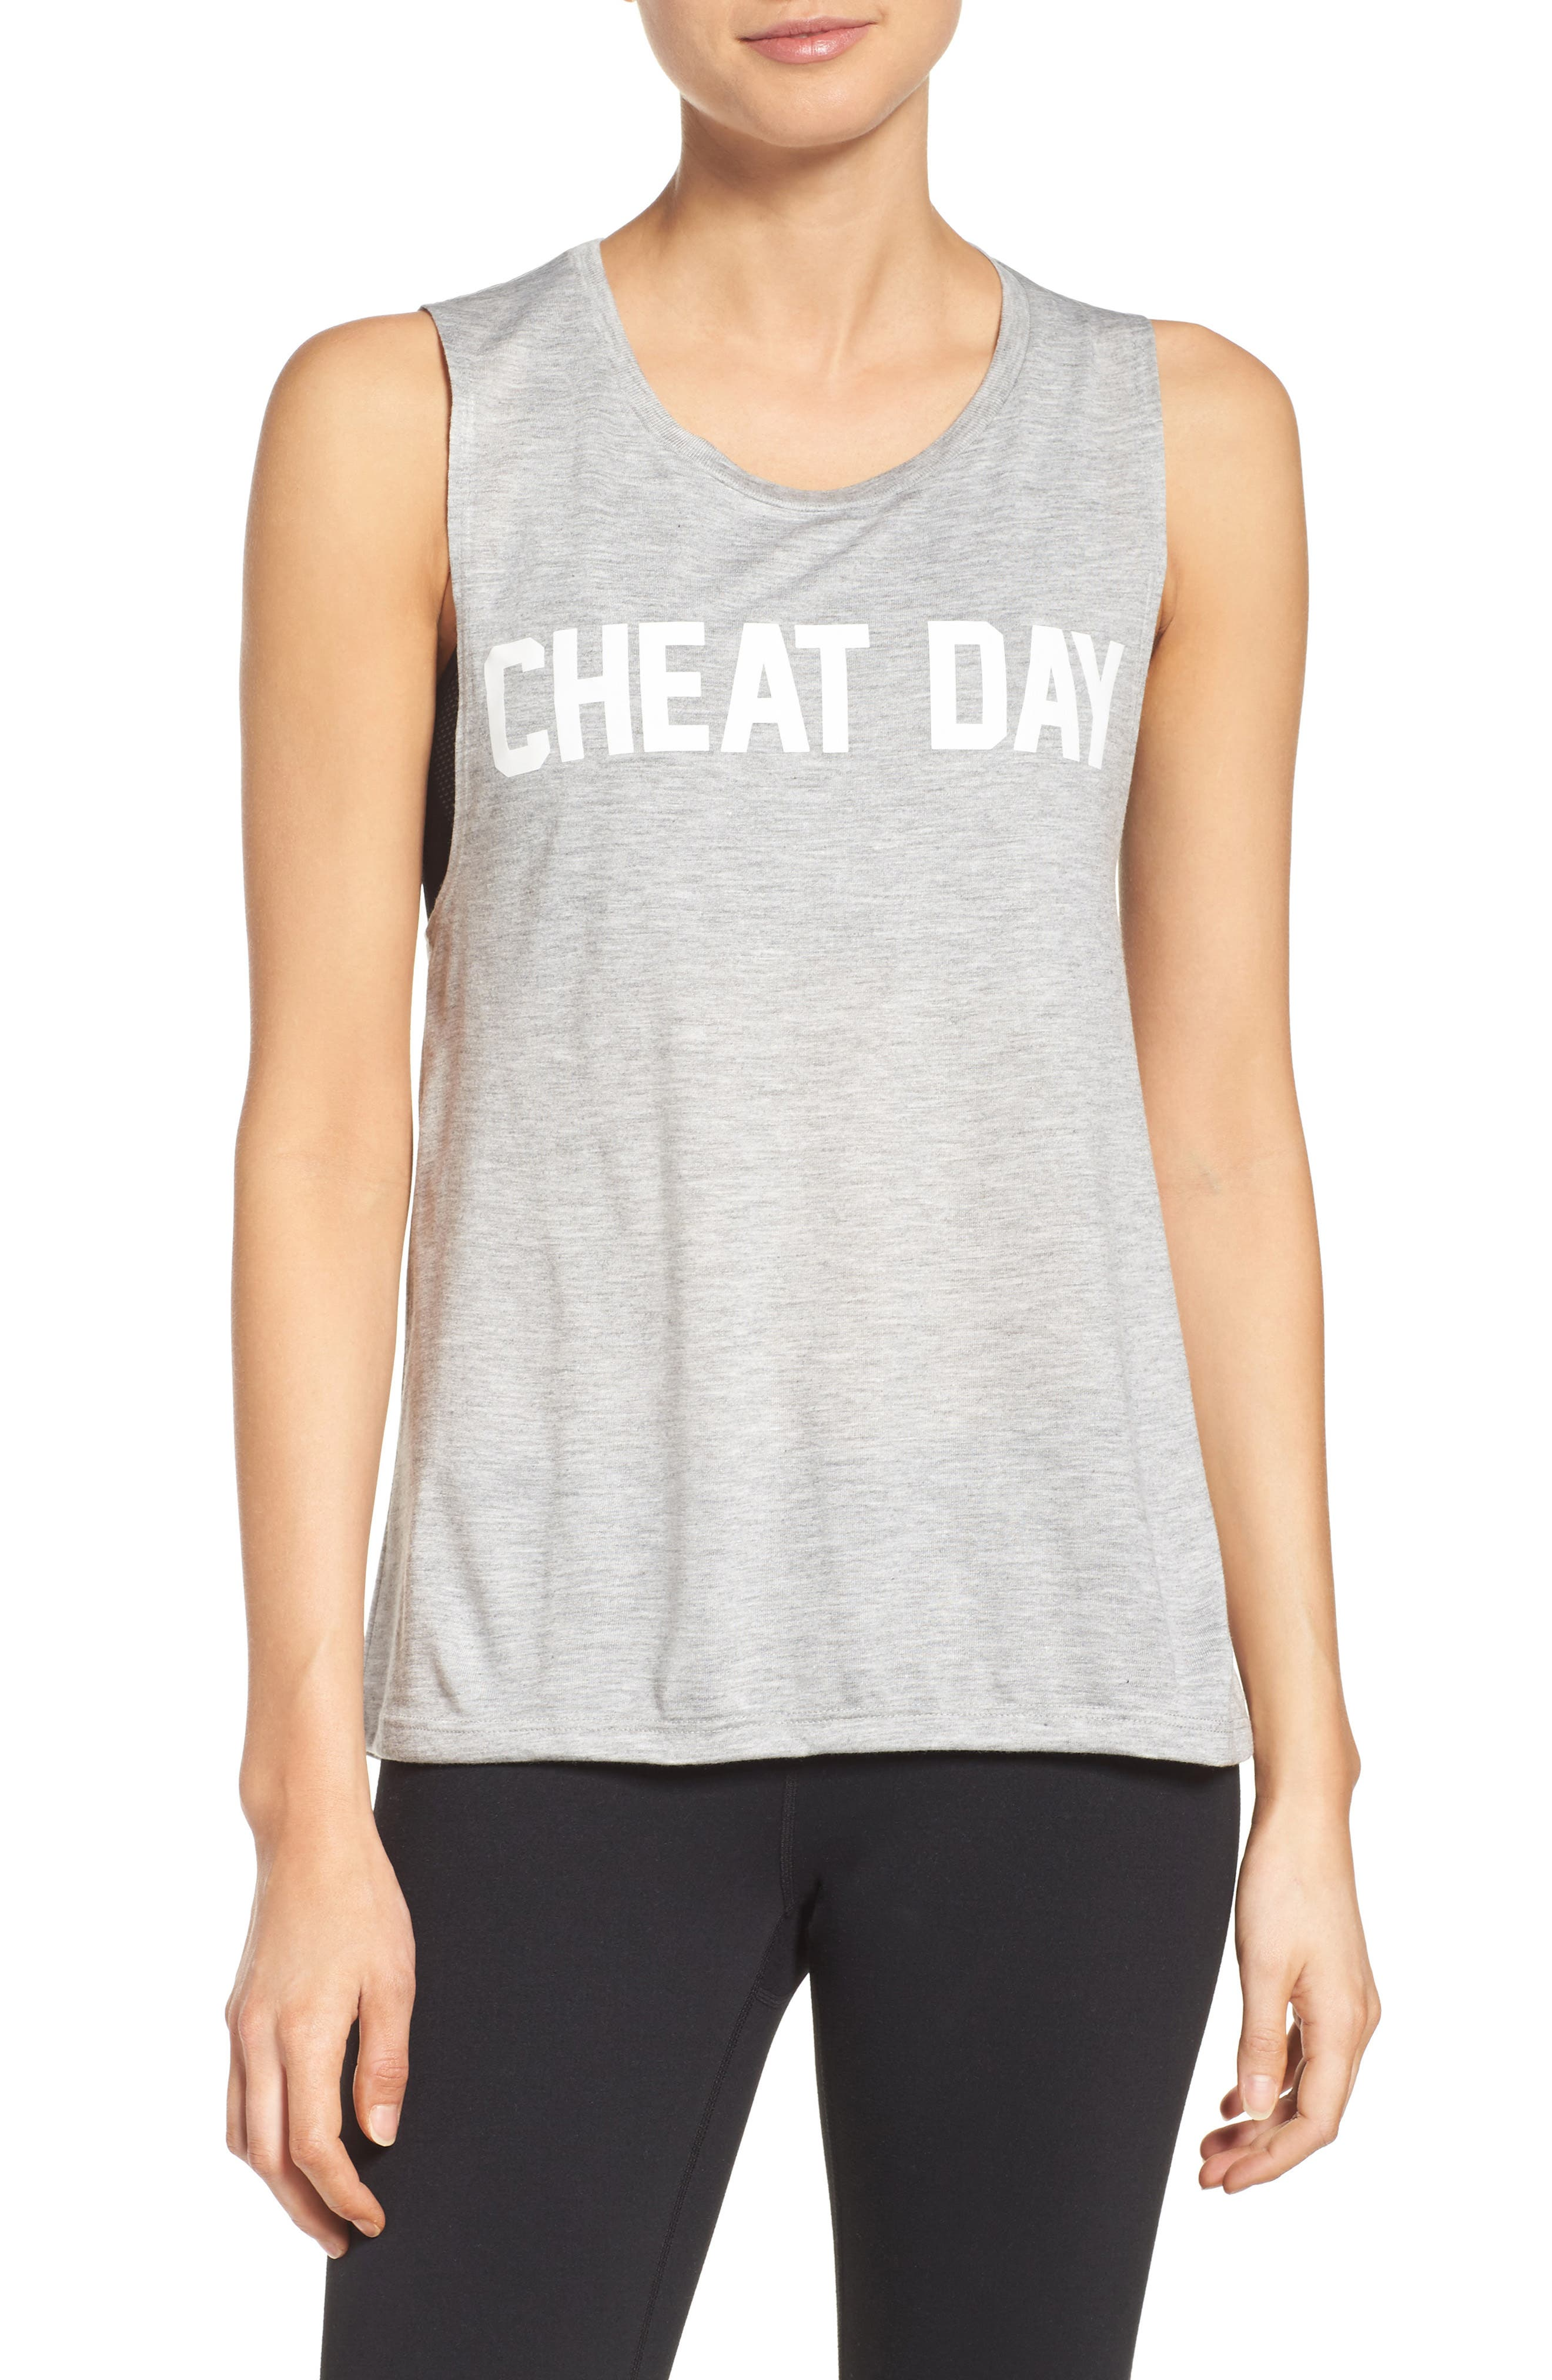 Cheat Day Tank,                             Main thumbnail 1, color,                             020